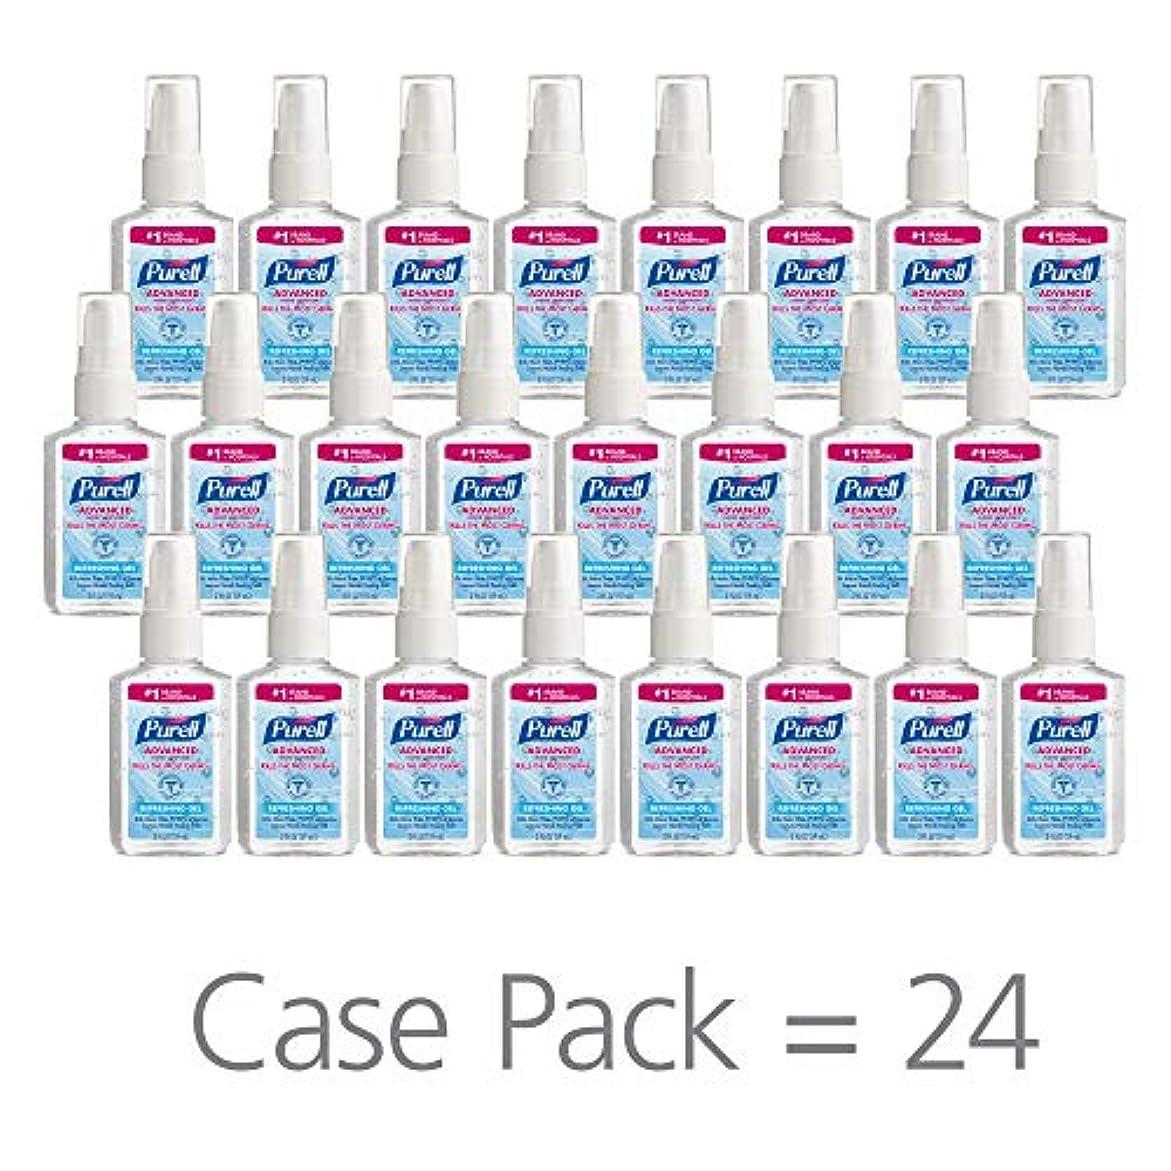 ラグオープナー設計PURELL 9606-24 Advanced Instant Hand Sanitizer, 2 fl. oz. Pump Bottle (Case of 24),2 fl. Oz by Purell